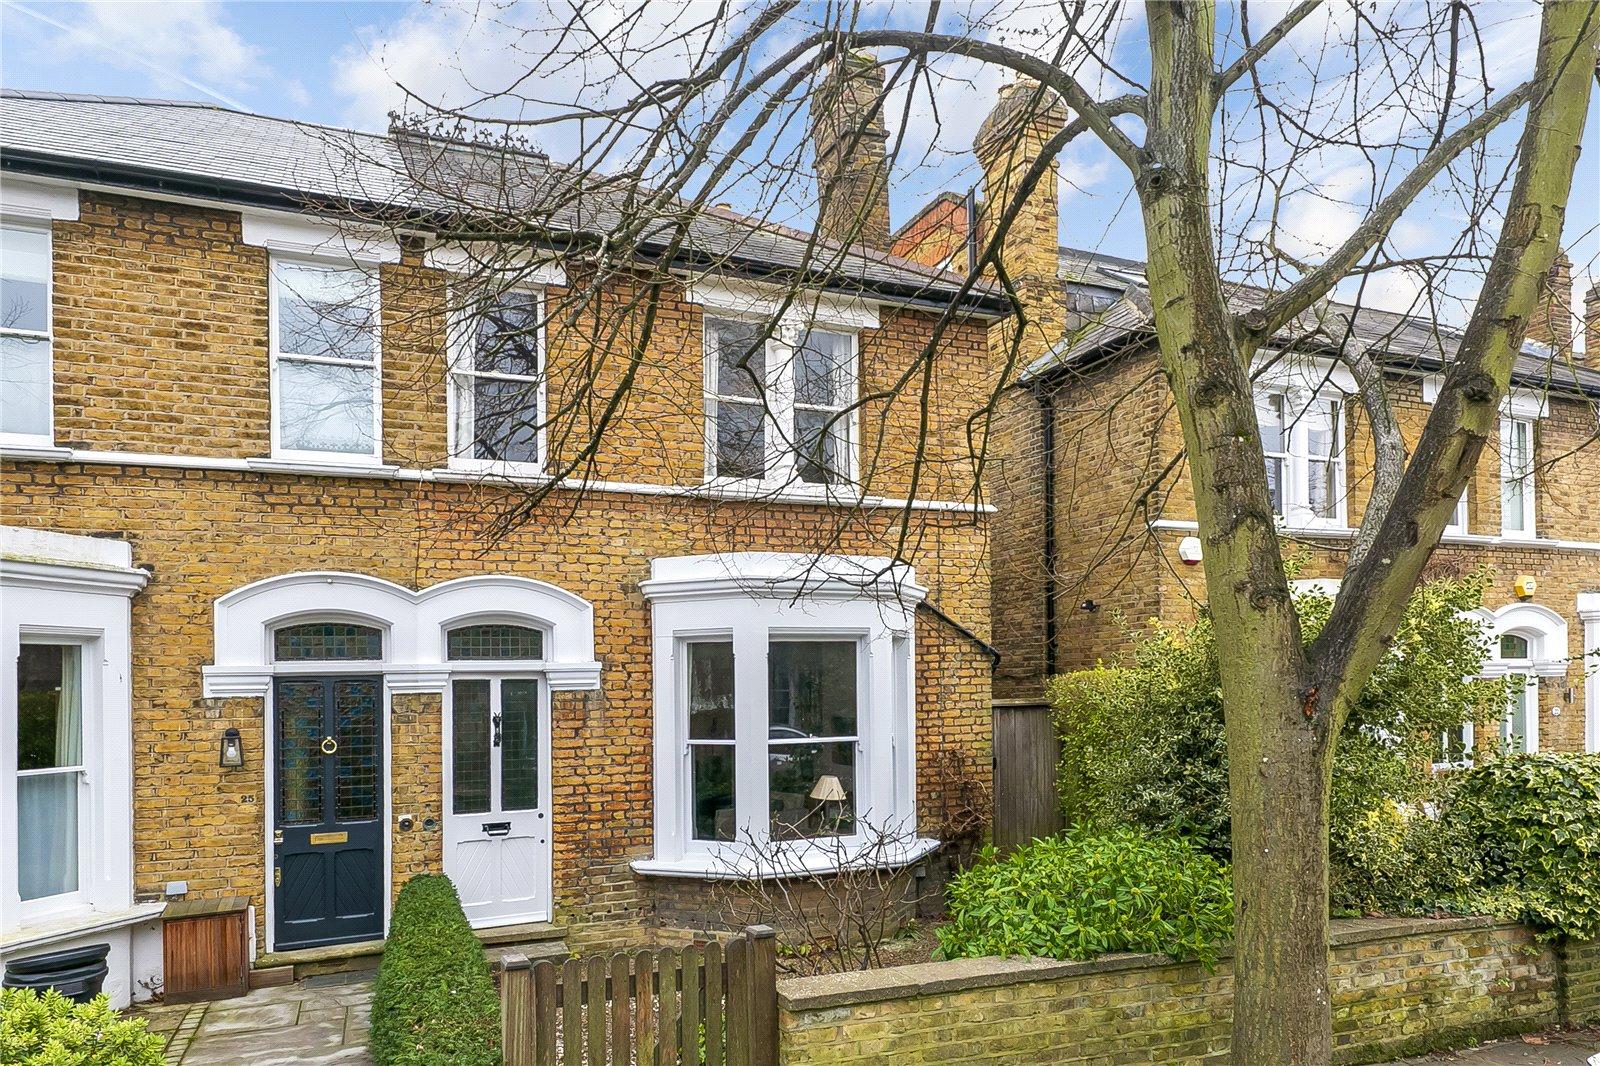 Clarence Road, Kew, TW9 3NL - Antony Roberts